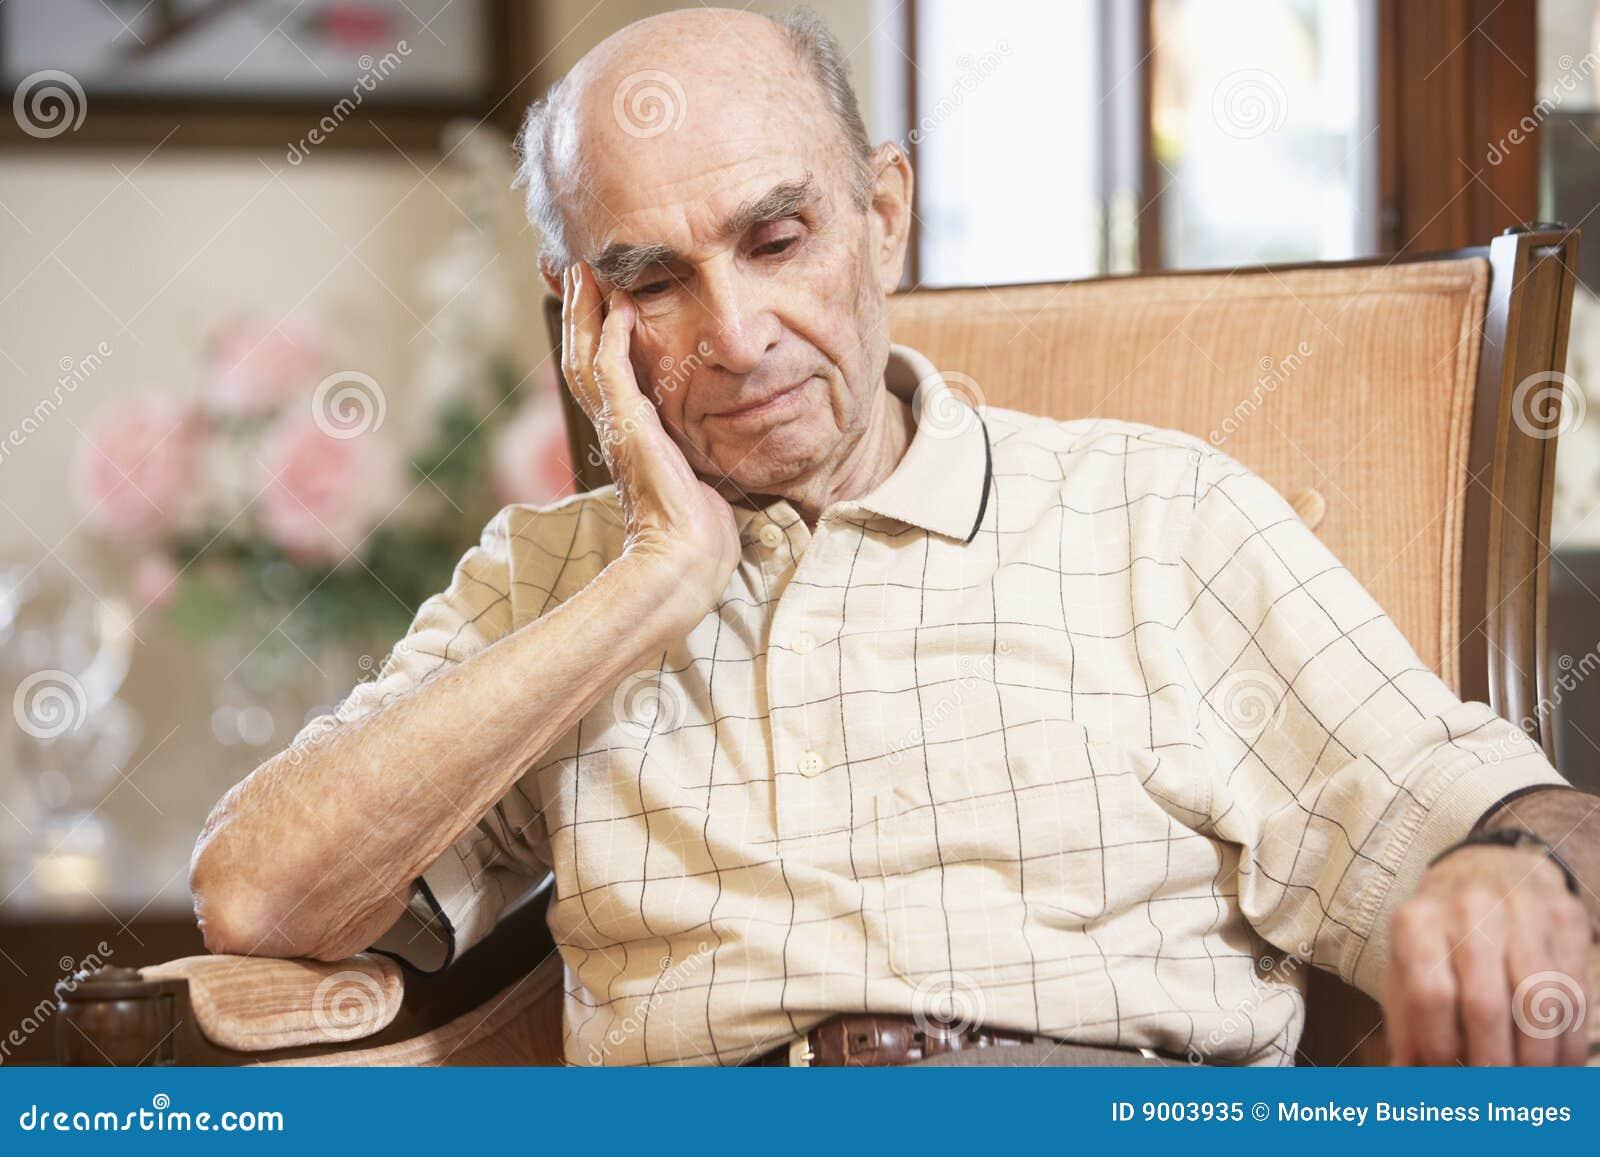 Фото пожилых мужиков 1 фотография